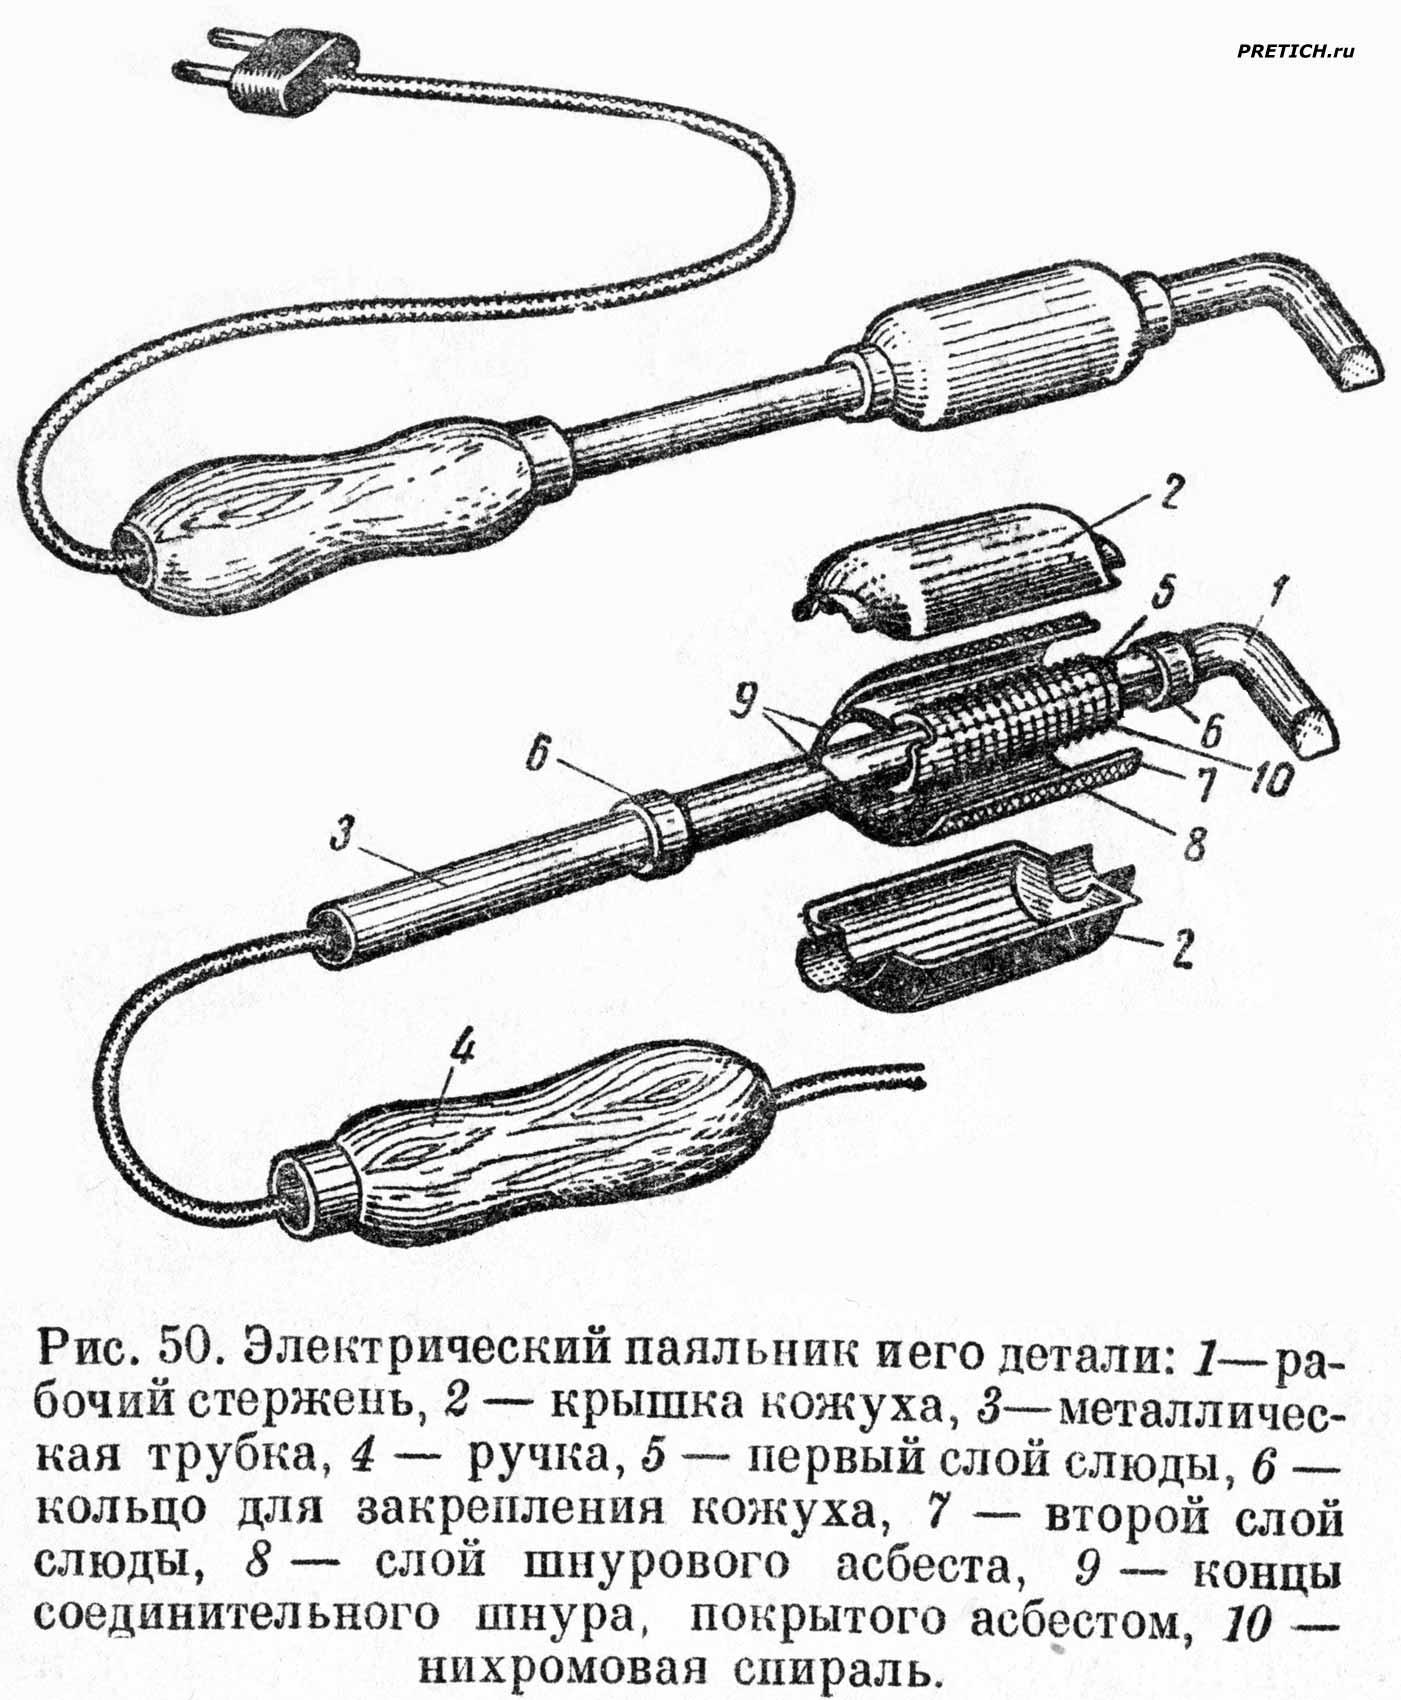 Устройство и ремонт паяльника